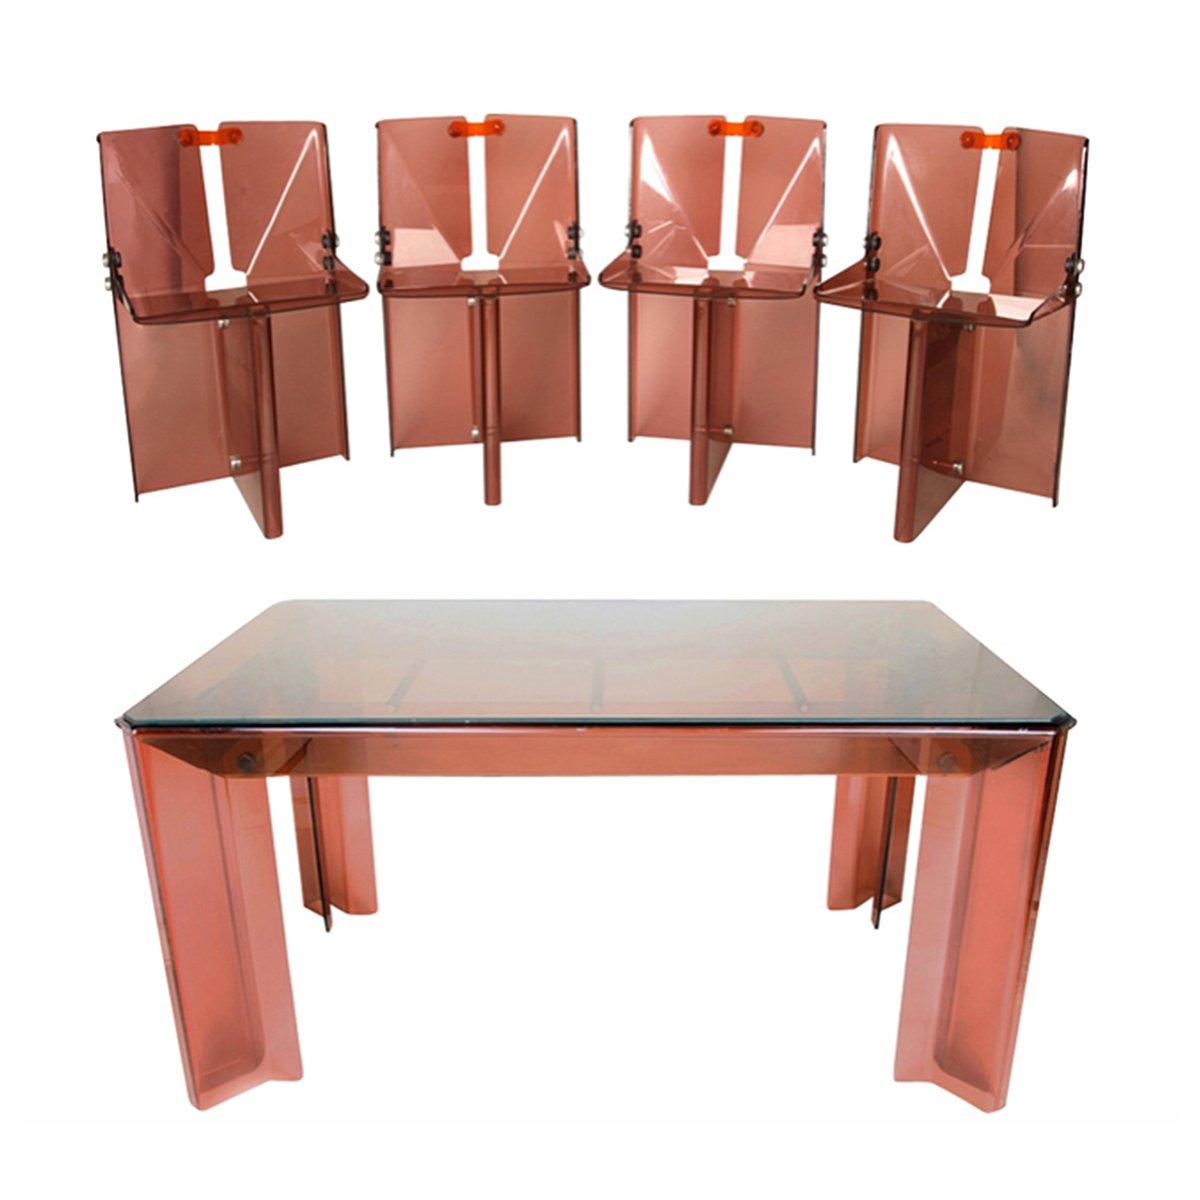 vintage rauchglas perspex esstisch st hle bei pamono kaufen. Black Bedroom Furniture Sets. Home Design Ideas